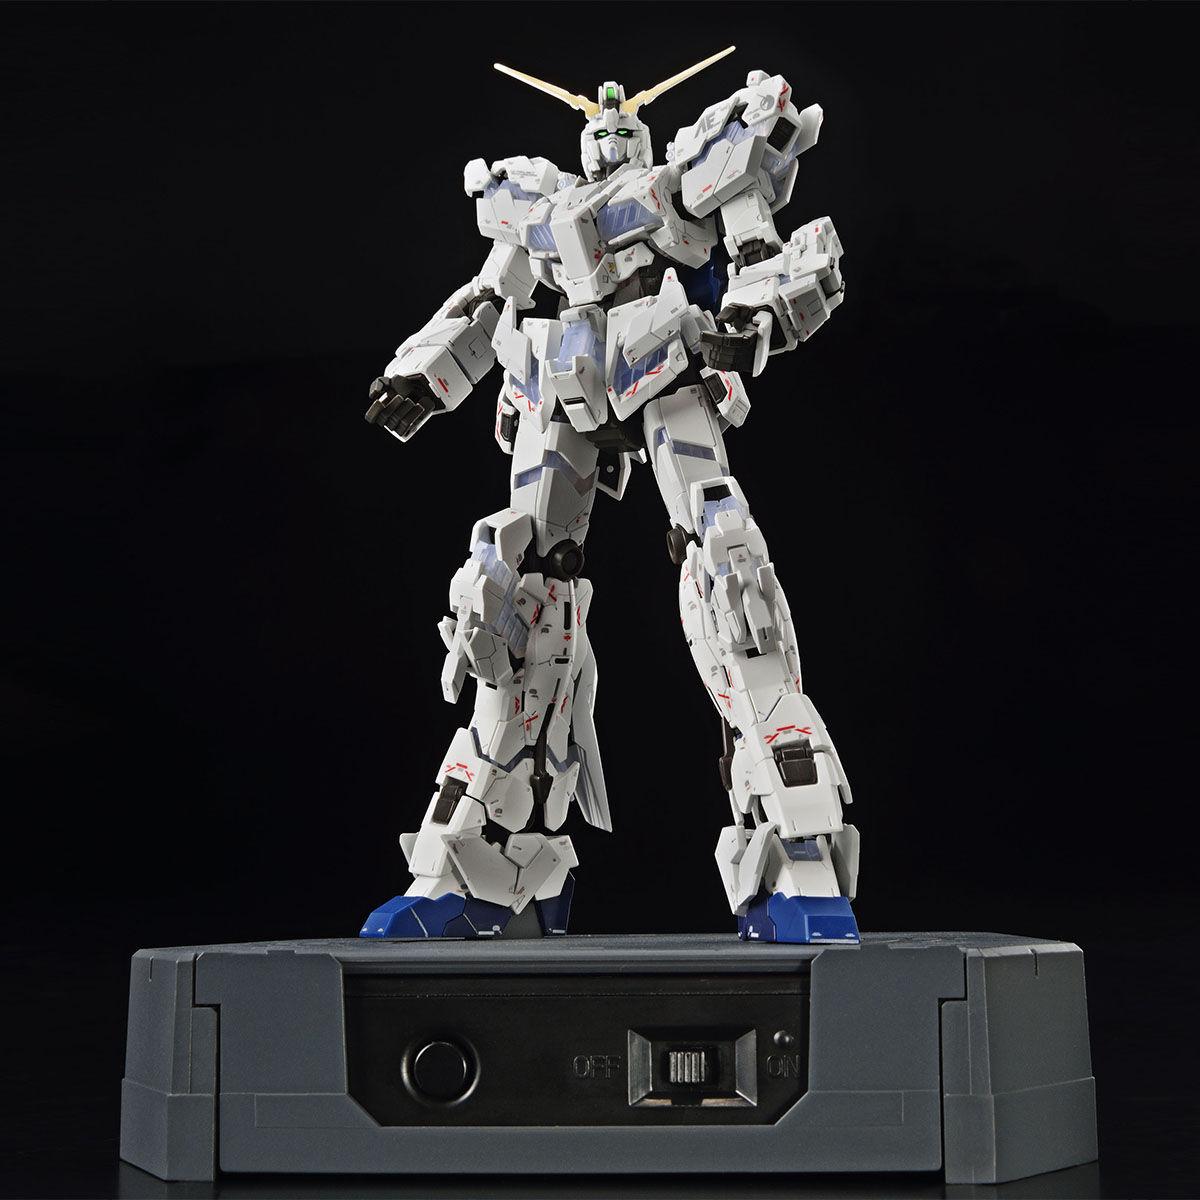 RG 1/144 RX-0 獨角獸鋼彈 (破壞模式) Ver. TWC (發光版模型) TGB限定